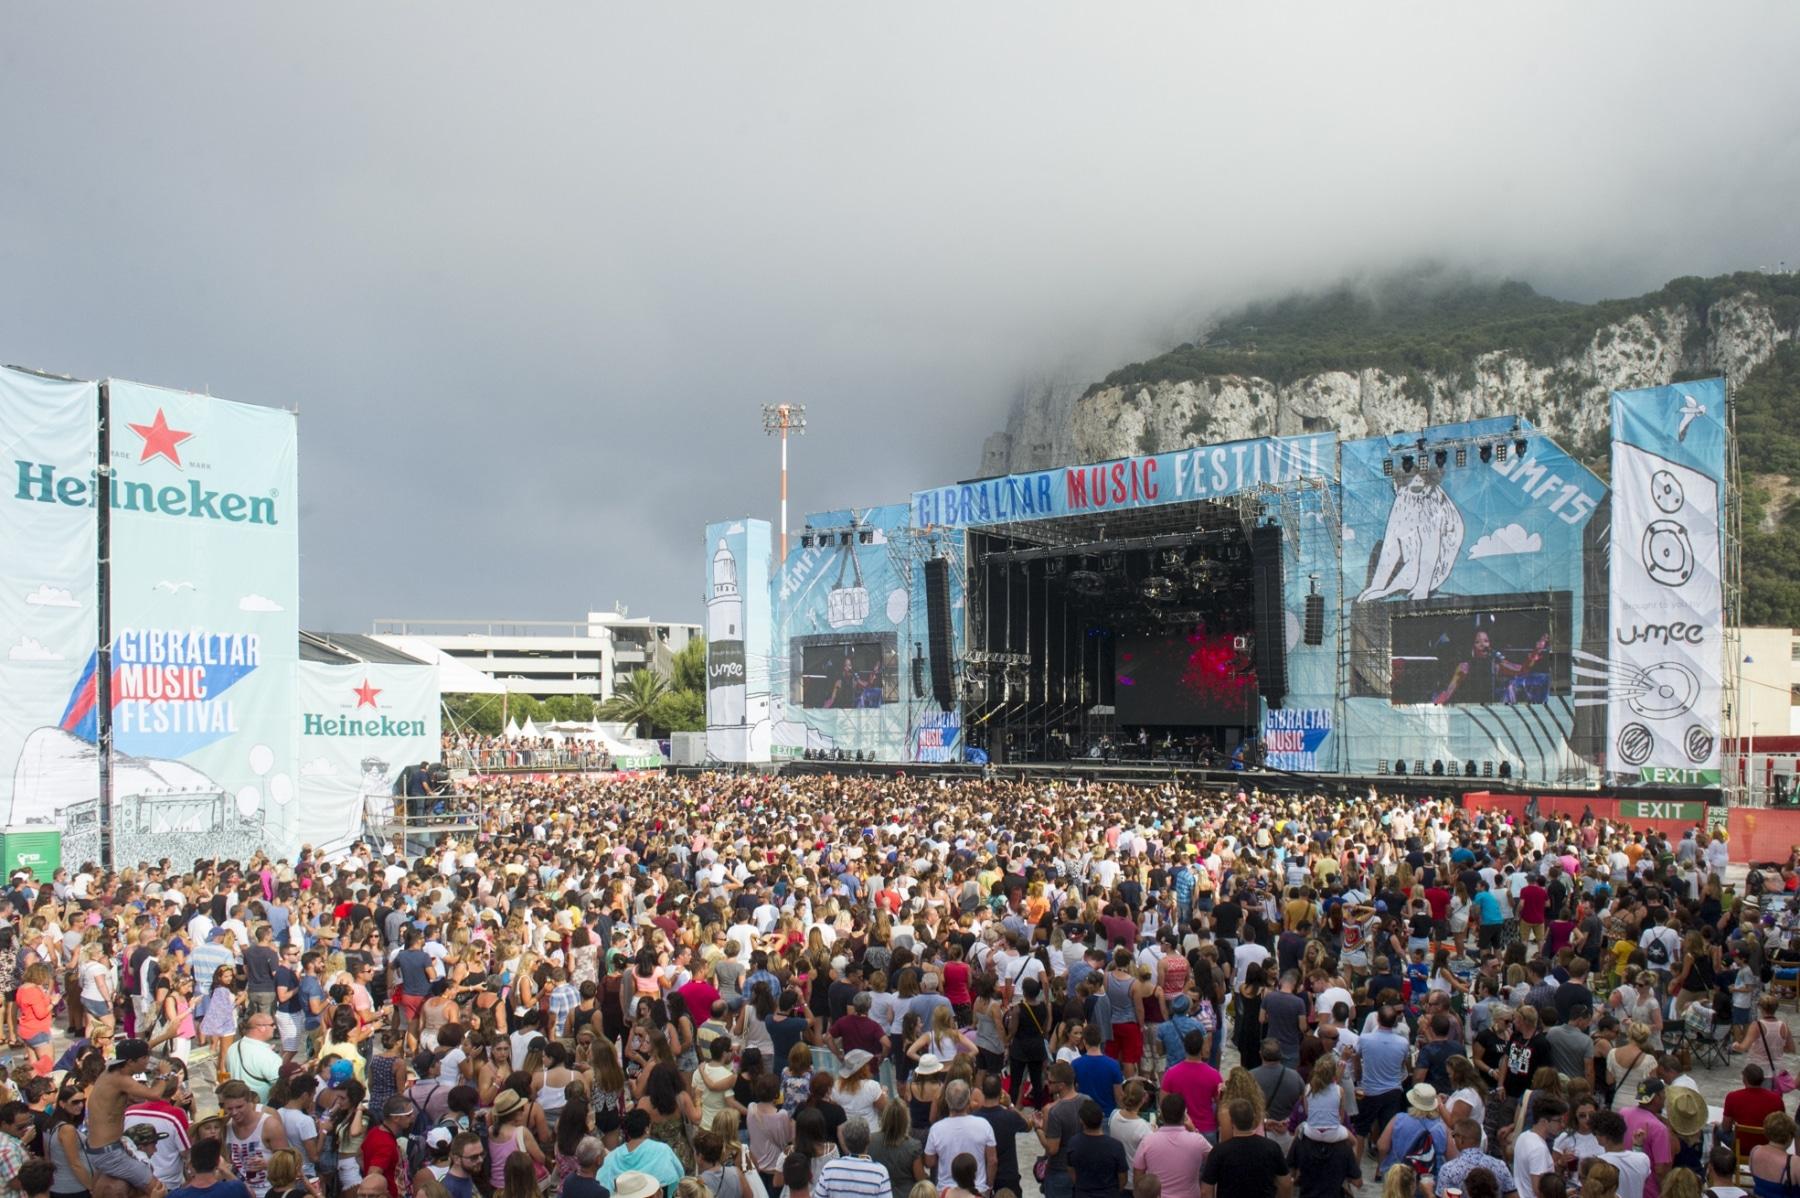 6-septiembre-2015-gibraltar-music-festival-2015-iii59_20595293653_o